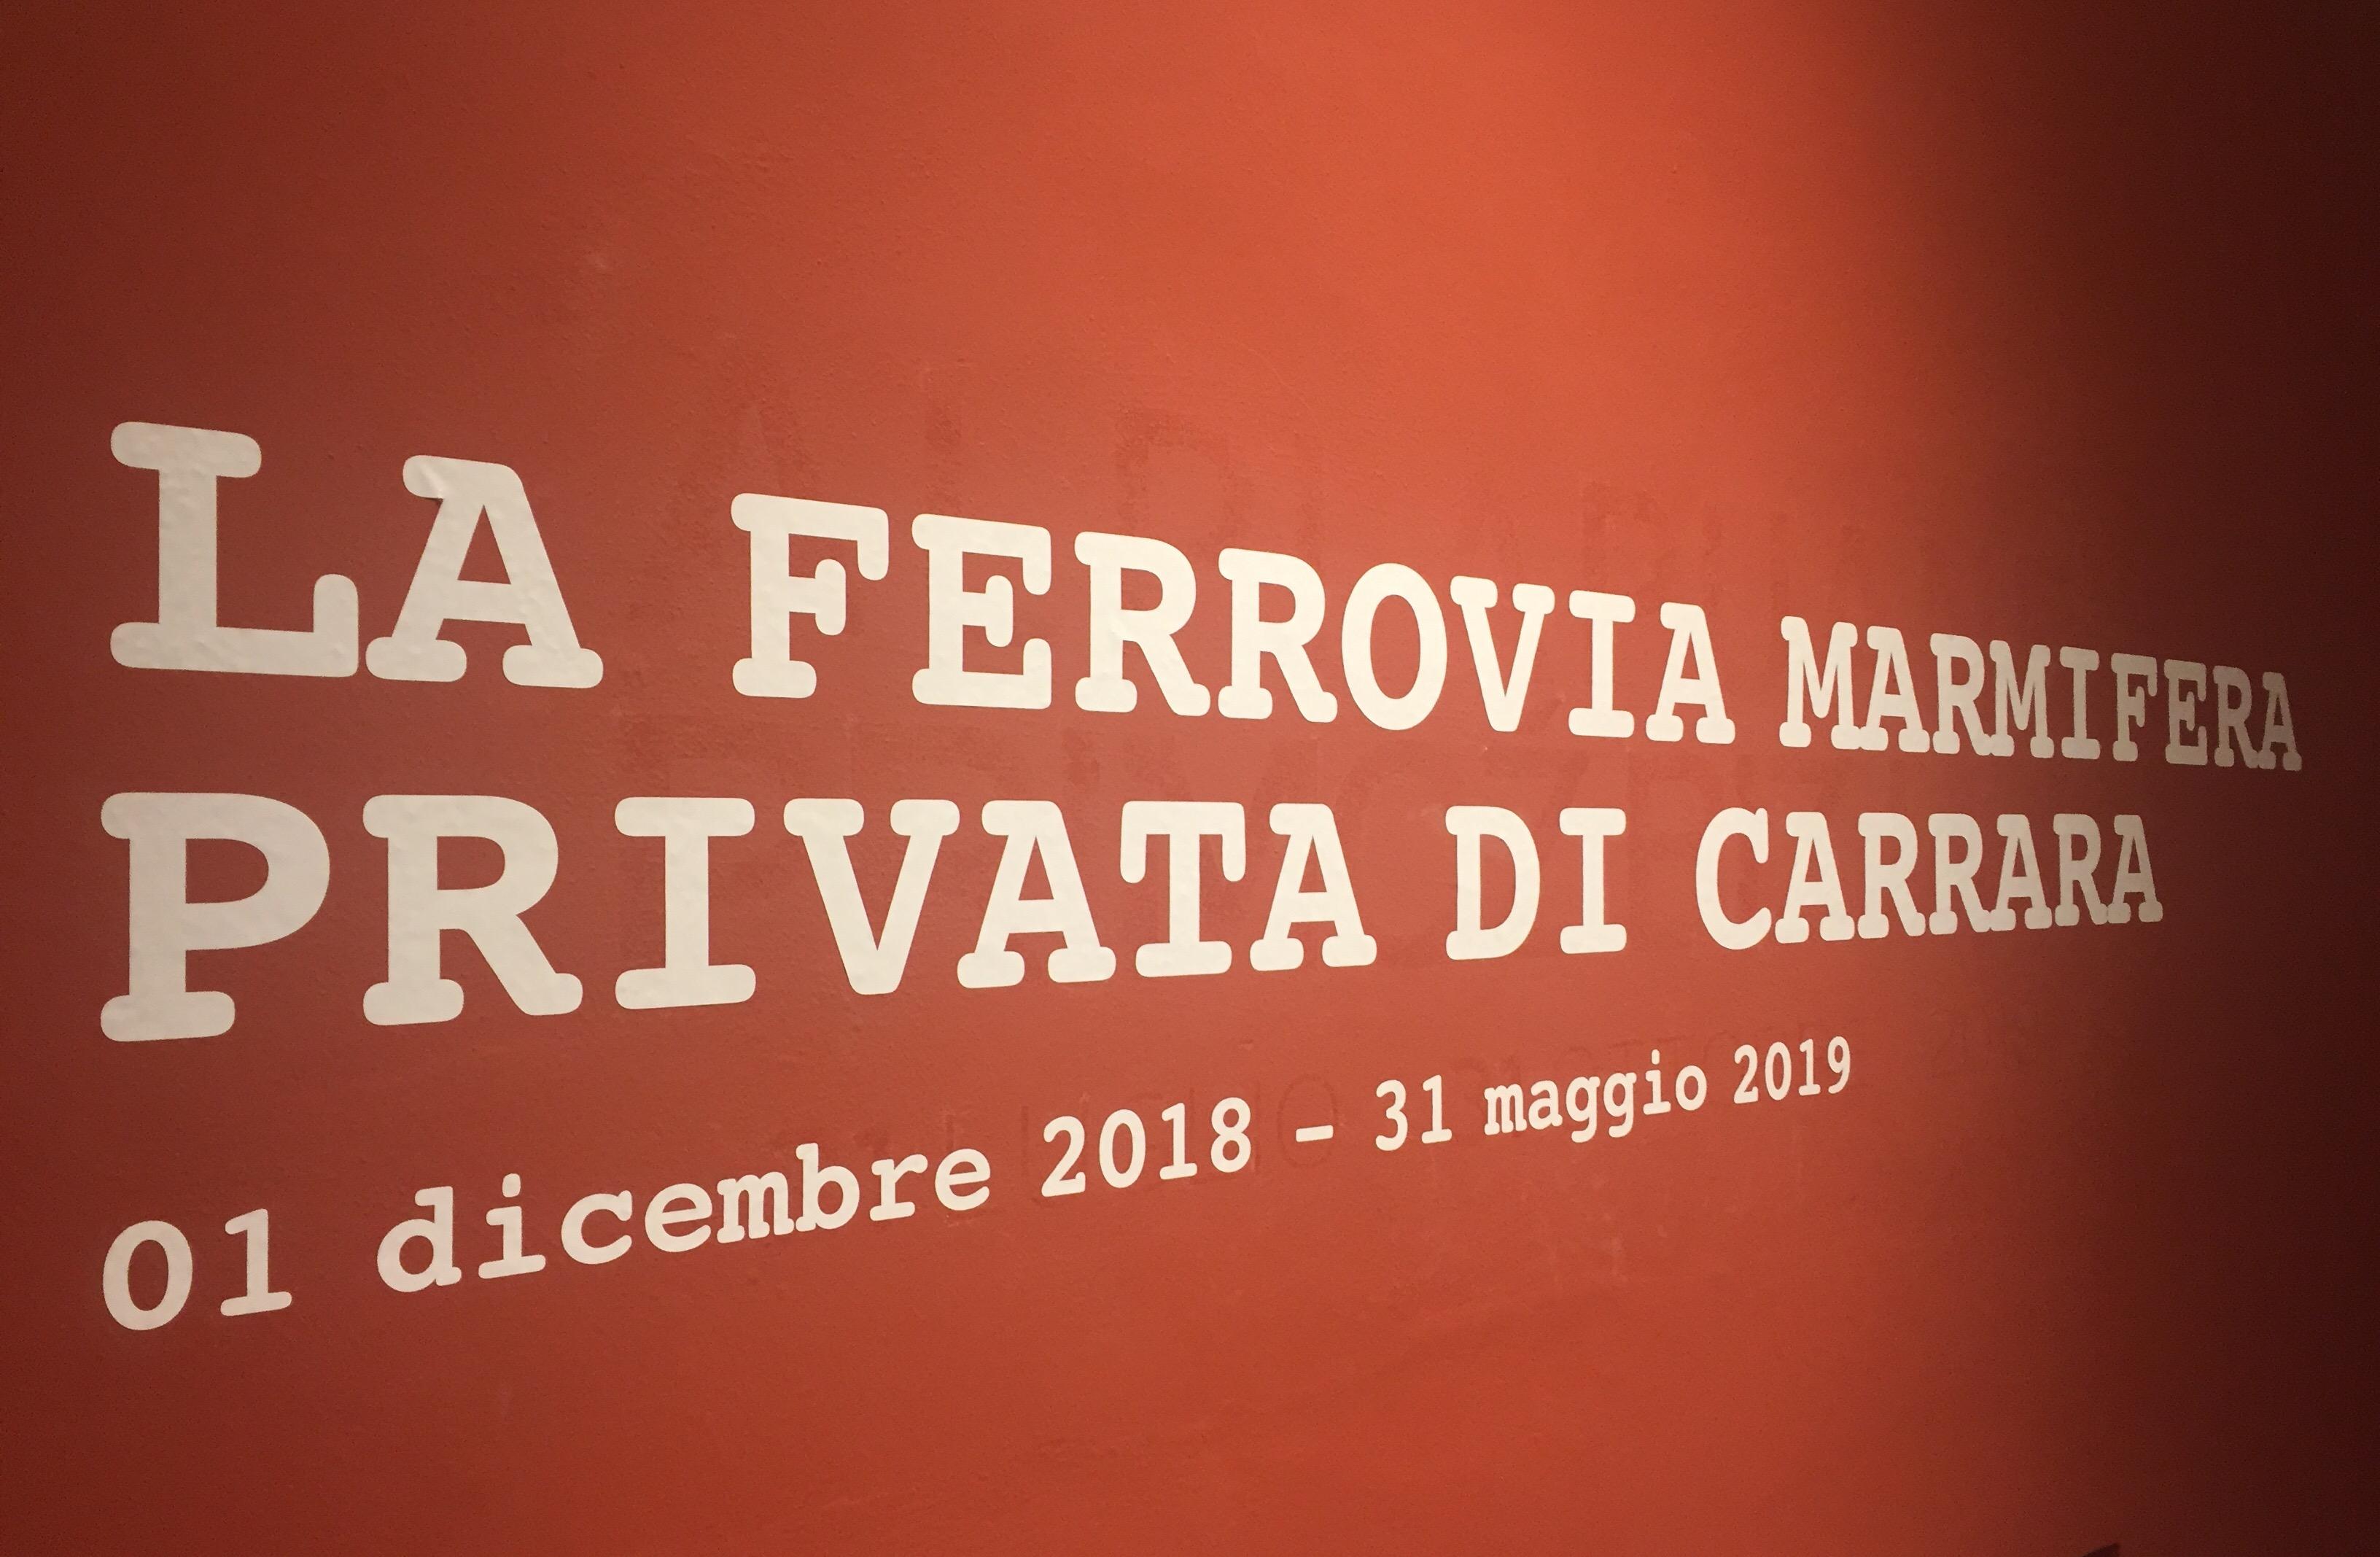 La Ferrovia Marmifera Privata di Carrara